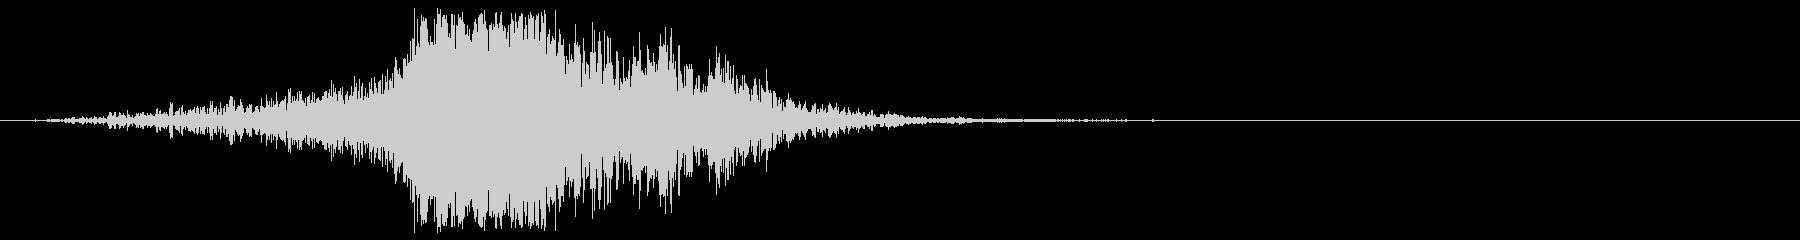 ジャキーン 必殺技 斬撃音の未再生の波形